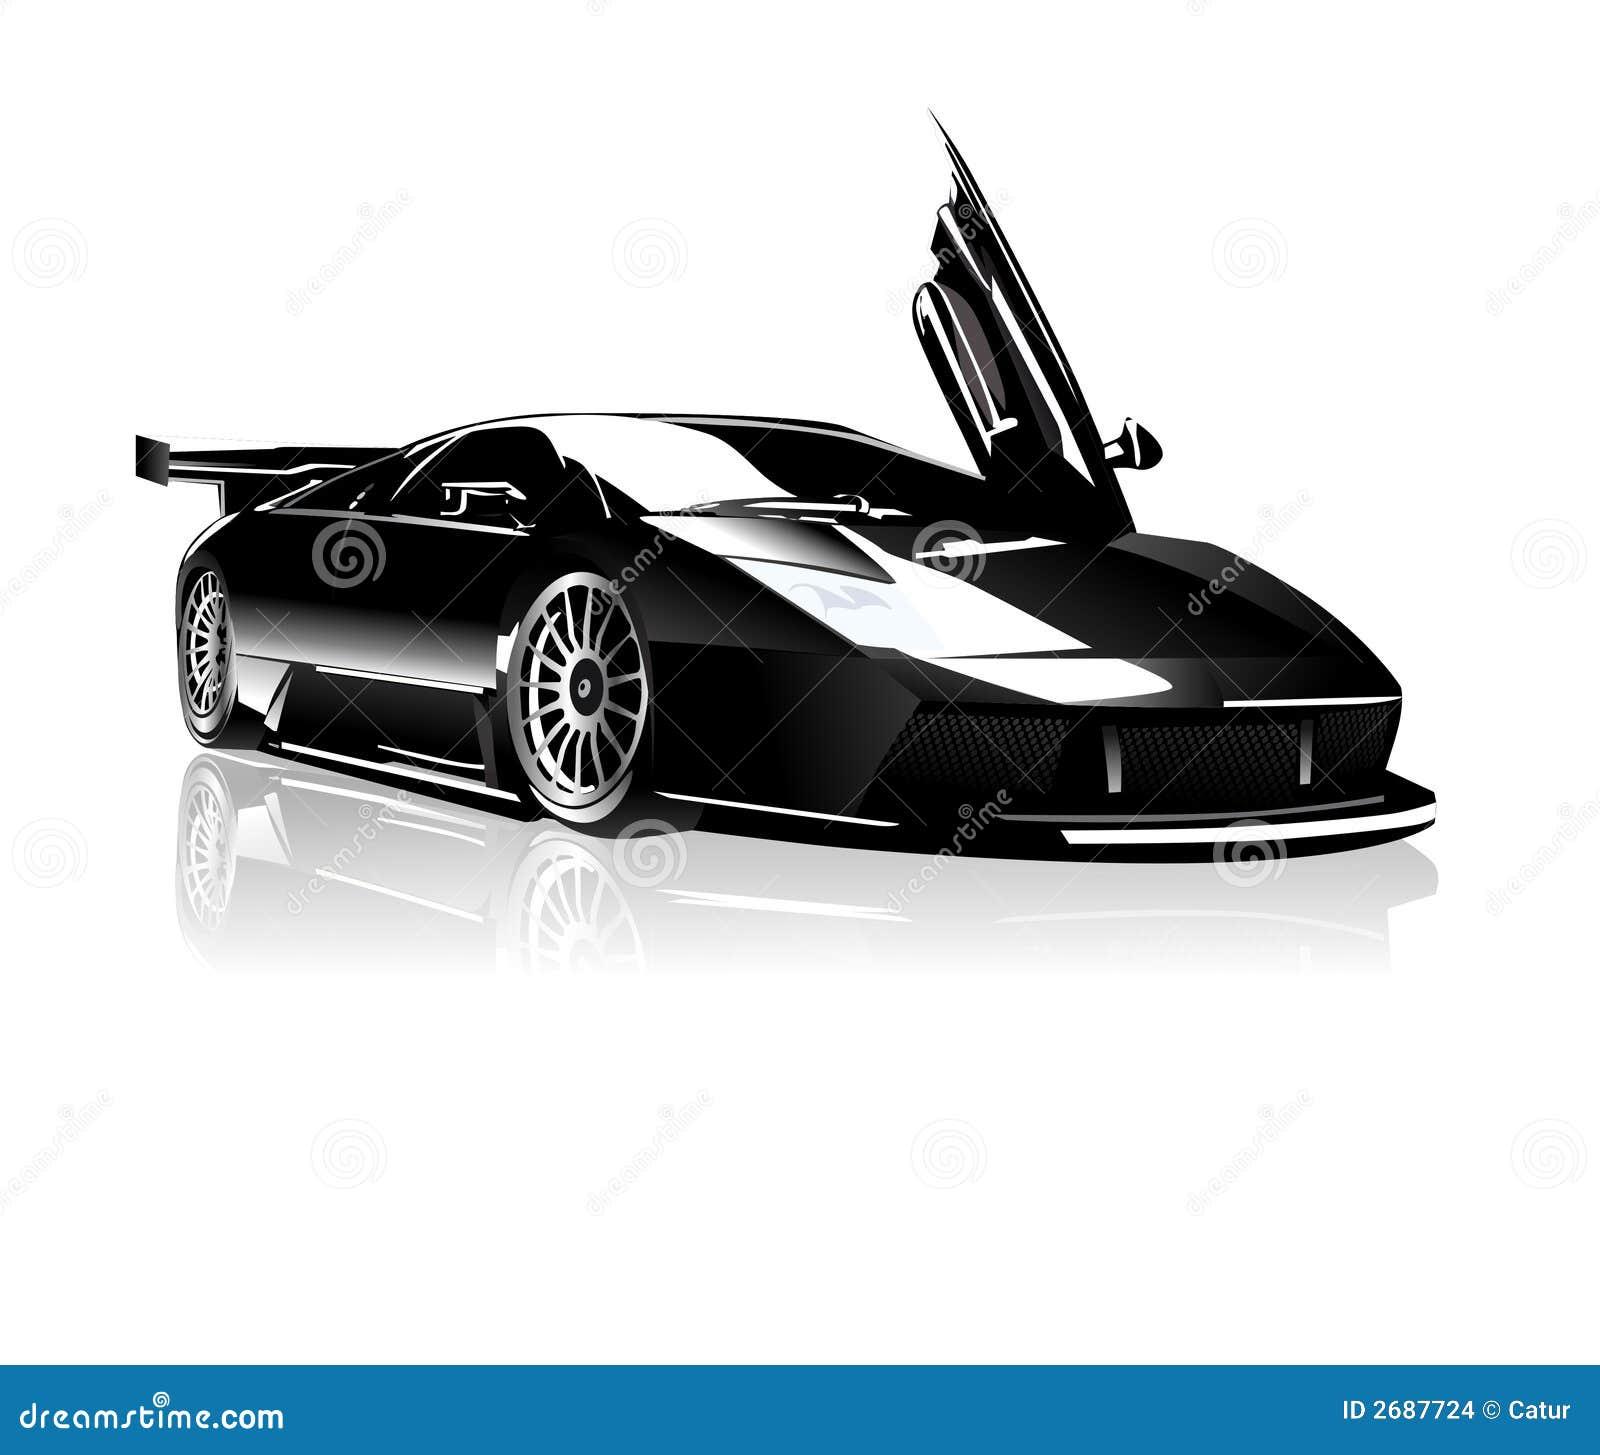 Lamborghini Stock Illustrations – 95 Lamborghini Stock ...